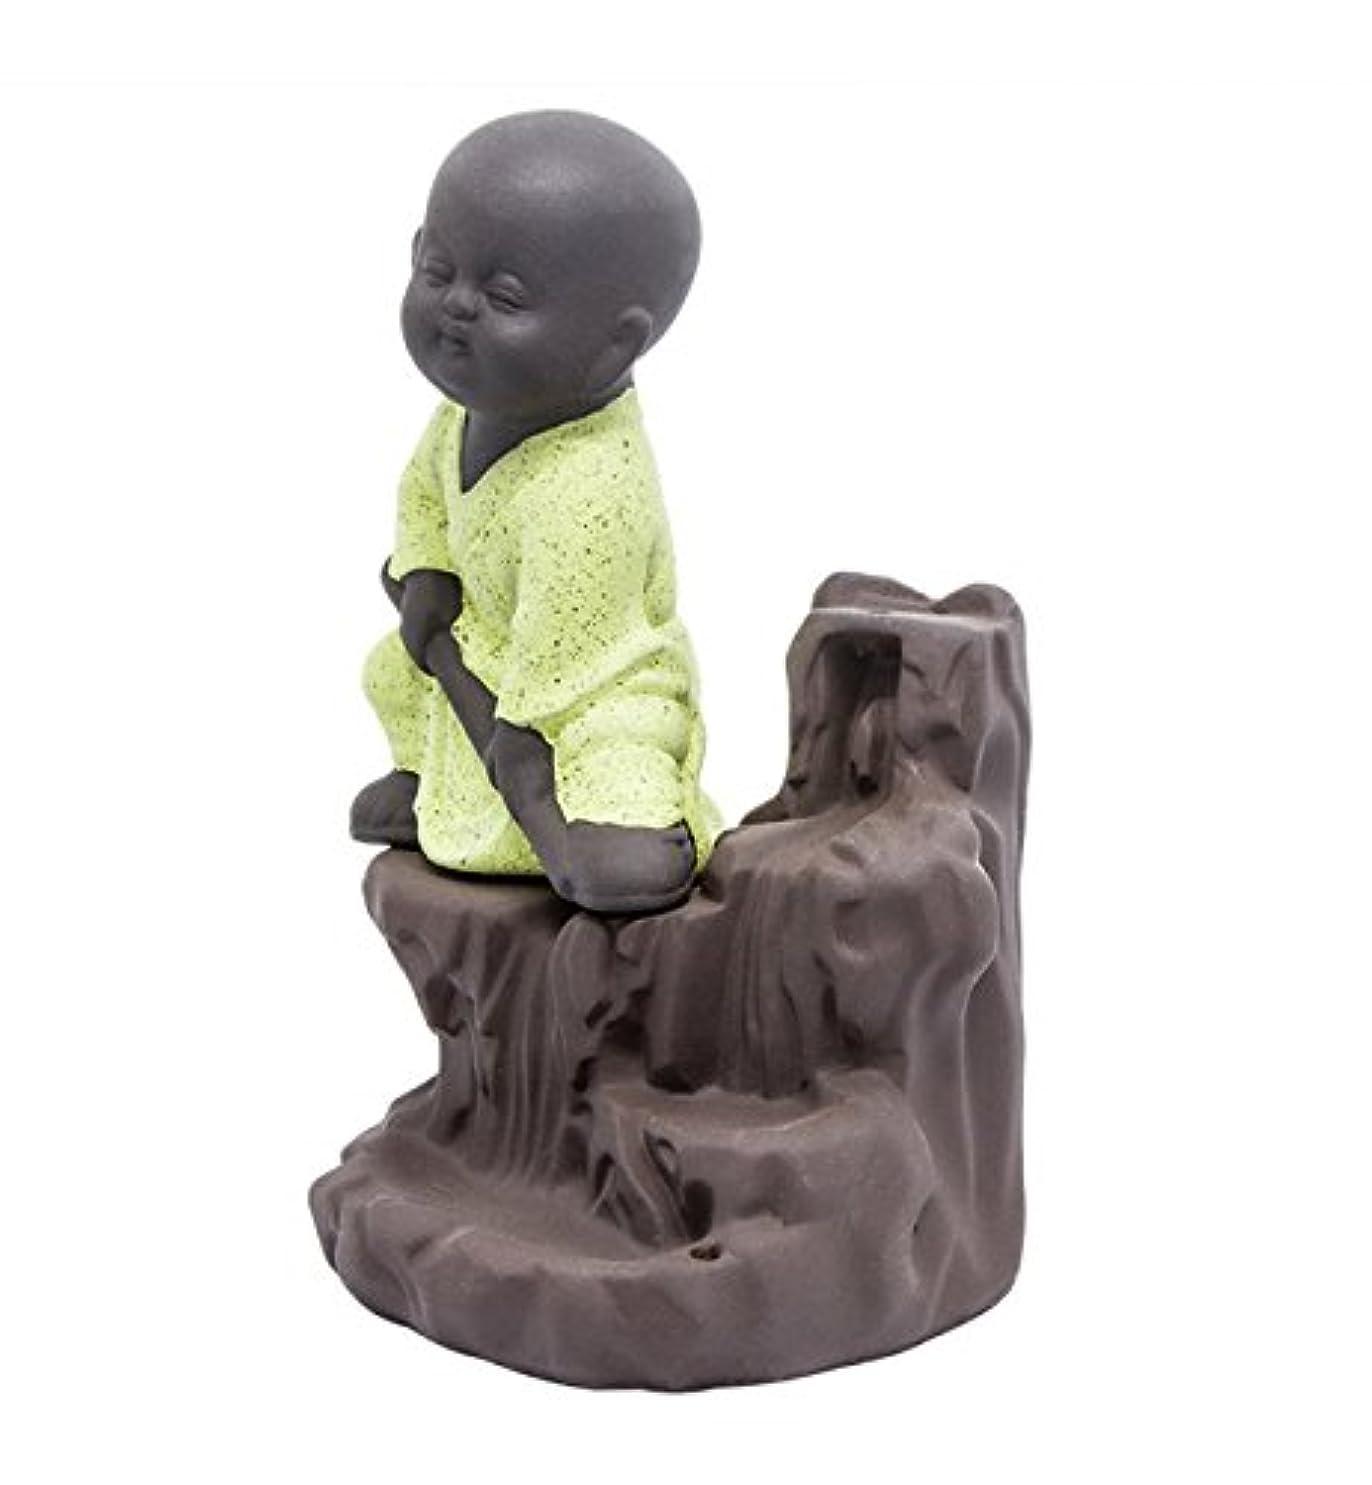 転送発火するアルミニウム逆流香炉タワーCones Sticks Little Monkホルダーセラミック磁器Buddha Monk Ashキャッチャーby Simon & # xff08 ;イエロー& # xff09 ;